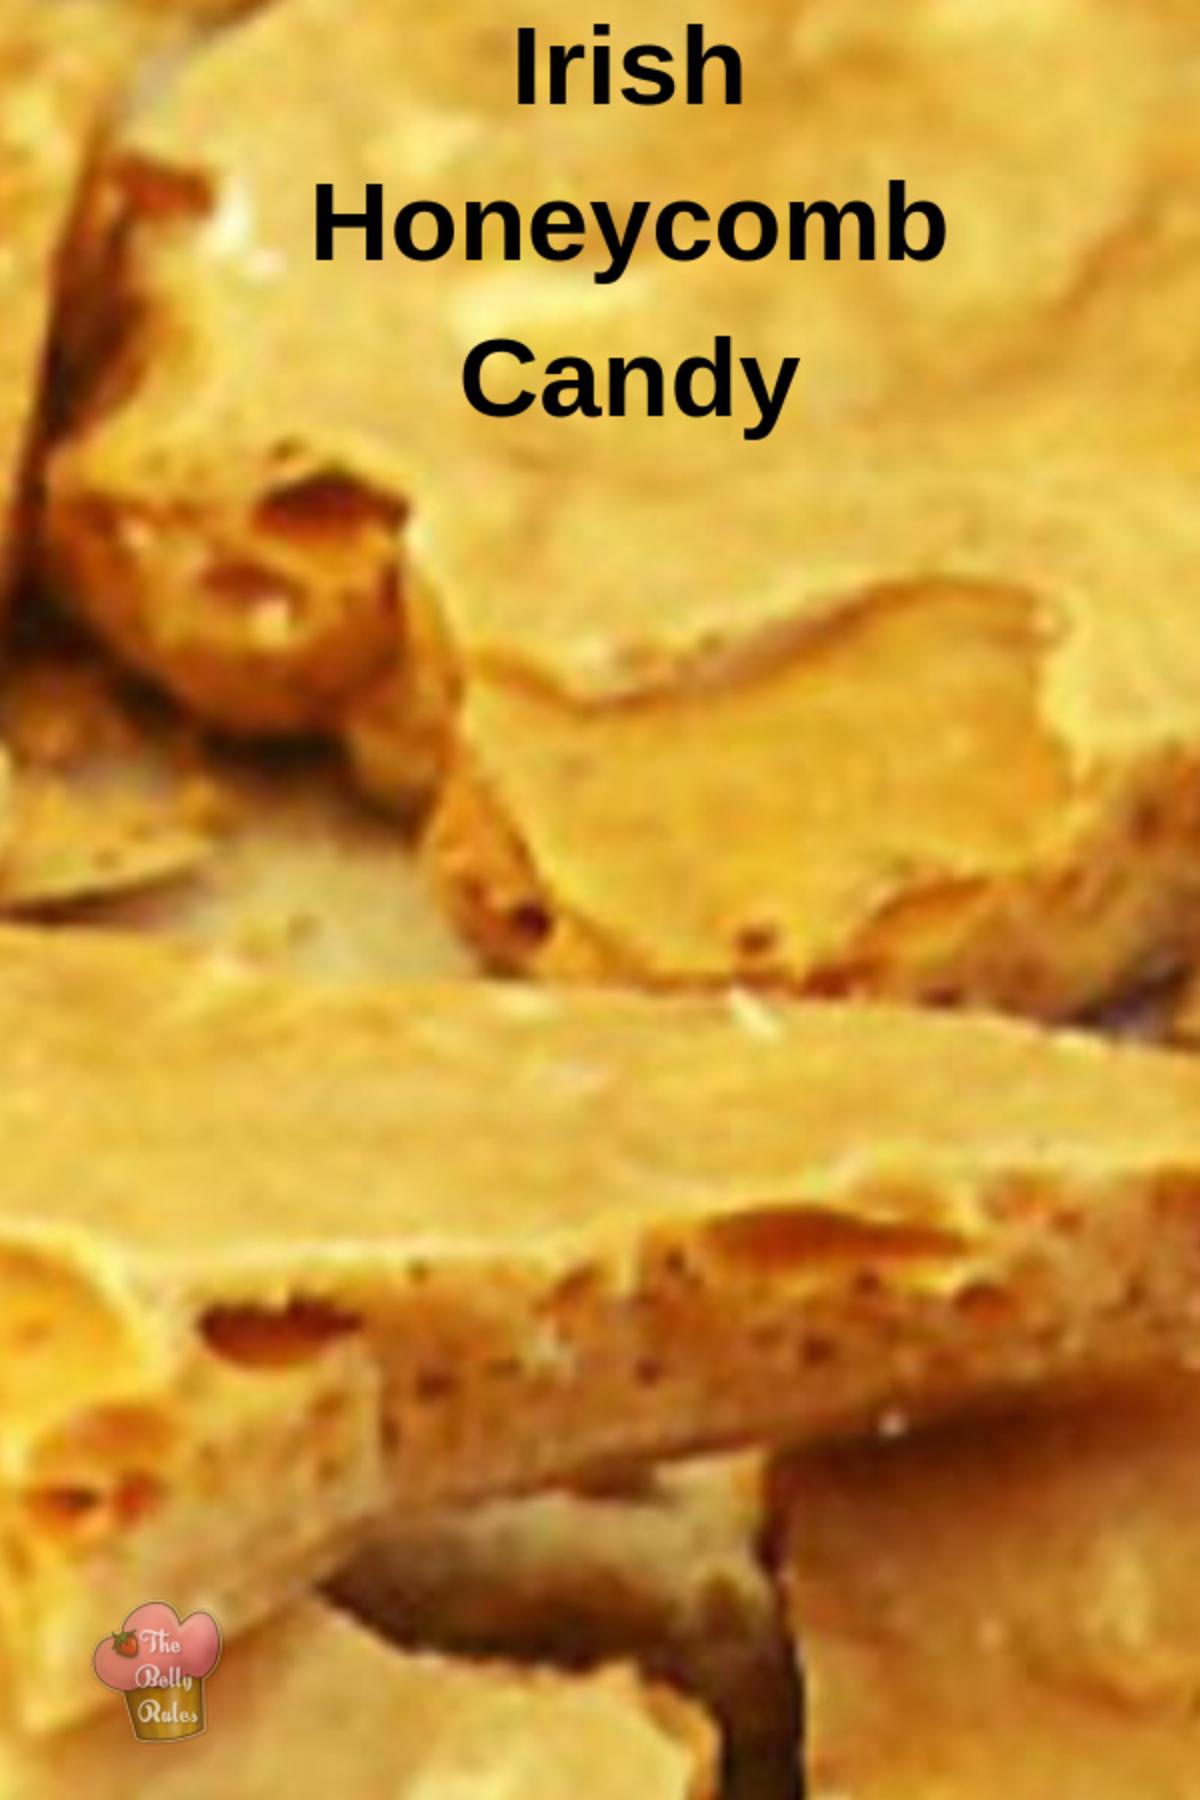 Irish Honeycomb Candy